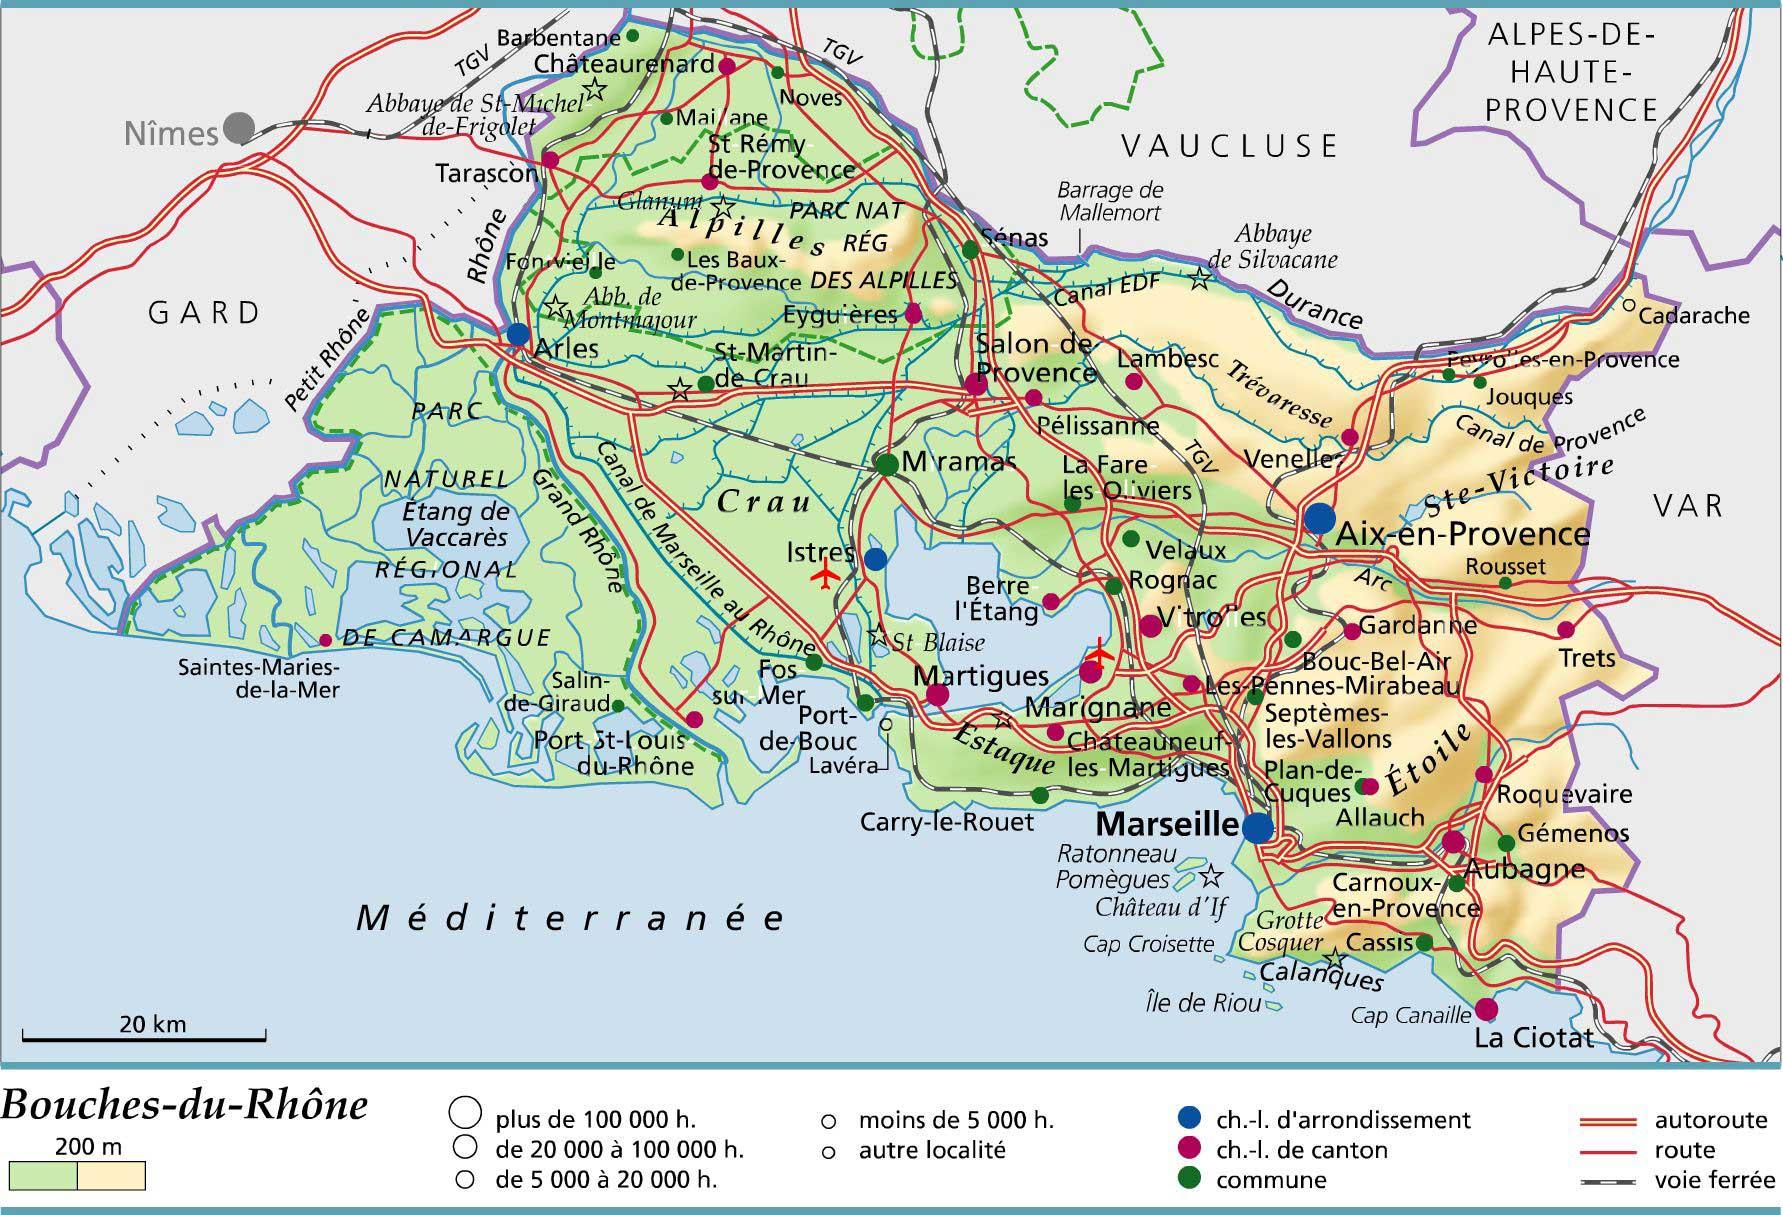 Bouches-Du-Rhône - Département 13 - Voyages - Cartes encequiconcerne Carte Departement 13